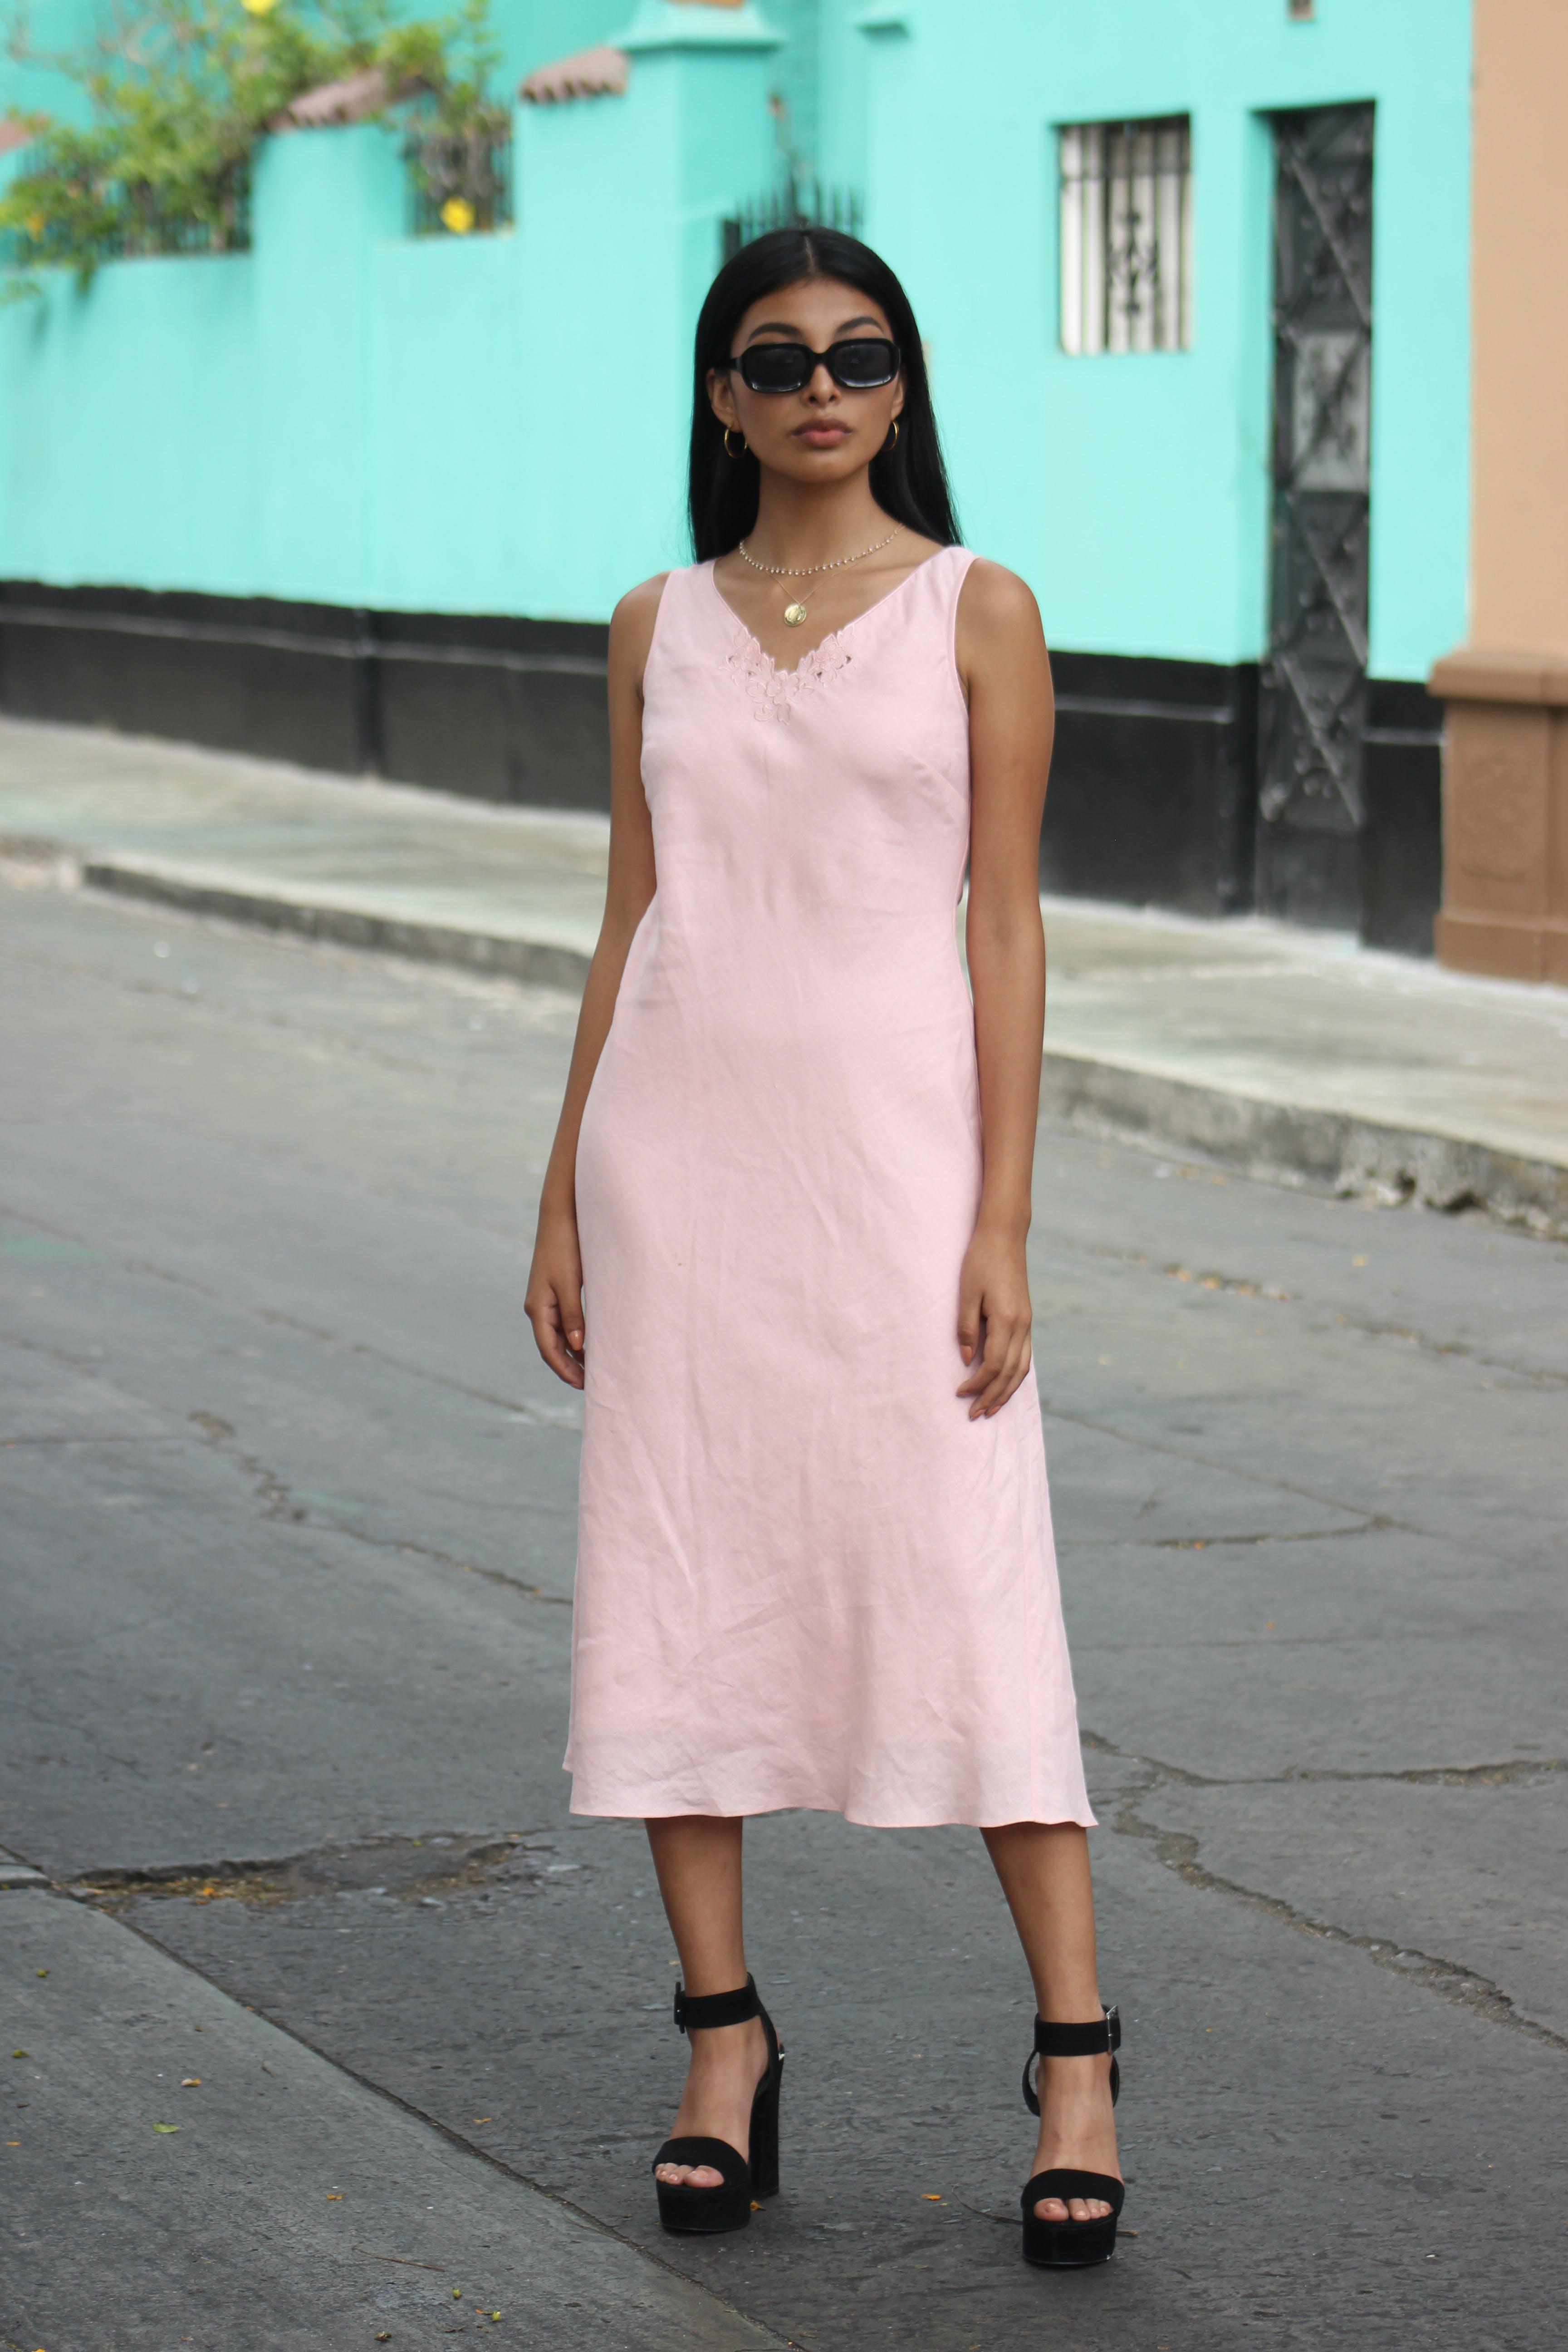 Vestido rosado 100% lino con broderie en el pecho, una sola pieza, falda amplia, forrado Talla S